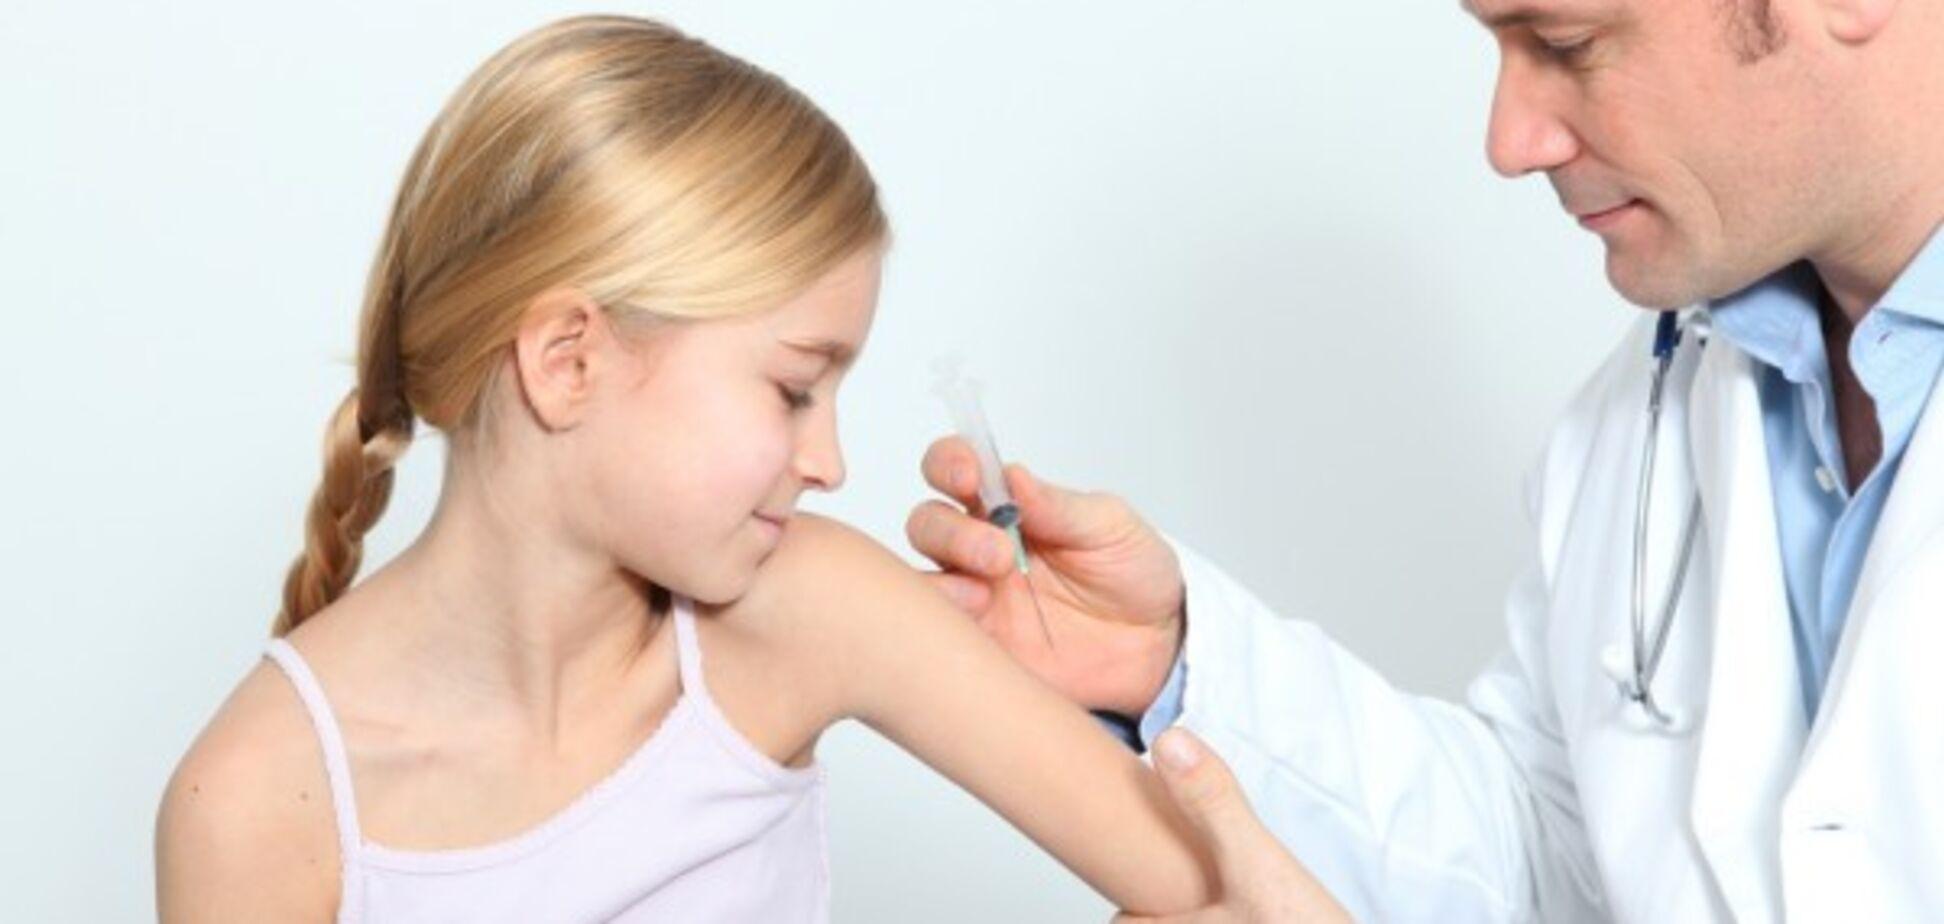 В Украине запретили детям без прививок посещать садики и школы: указ МОЗ и Минобразования